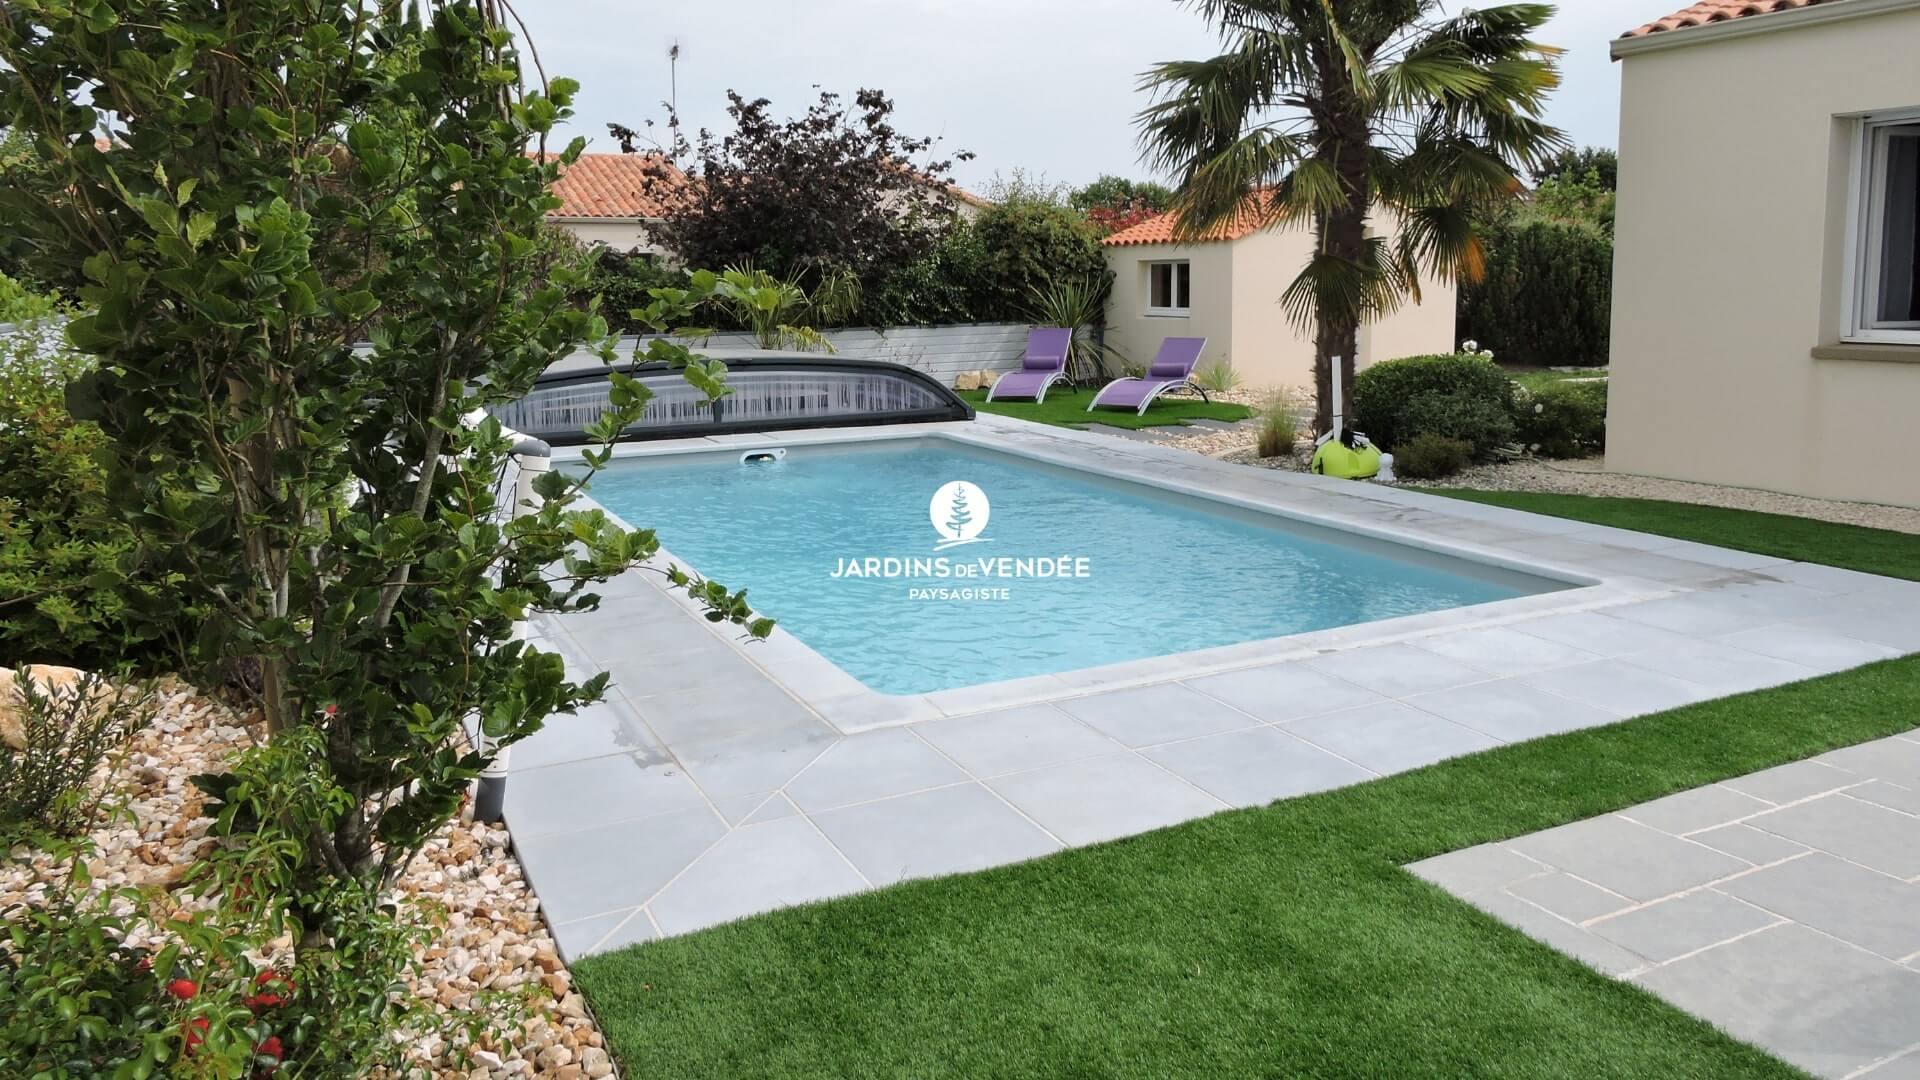 jardins-de-vendee-realisations-piscines-bassins(27)